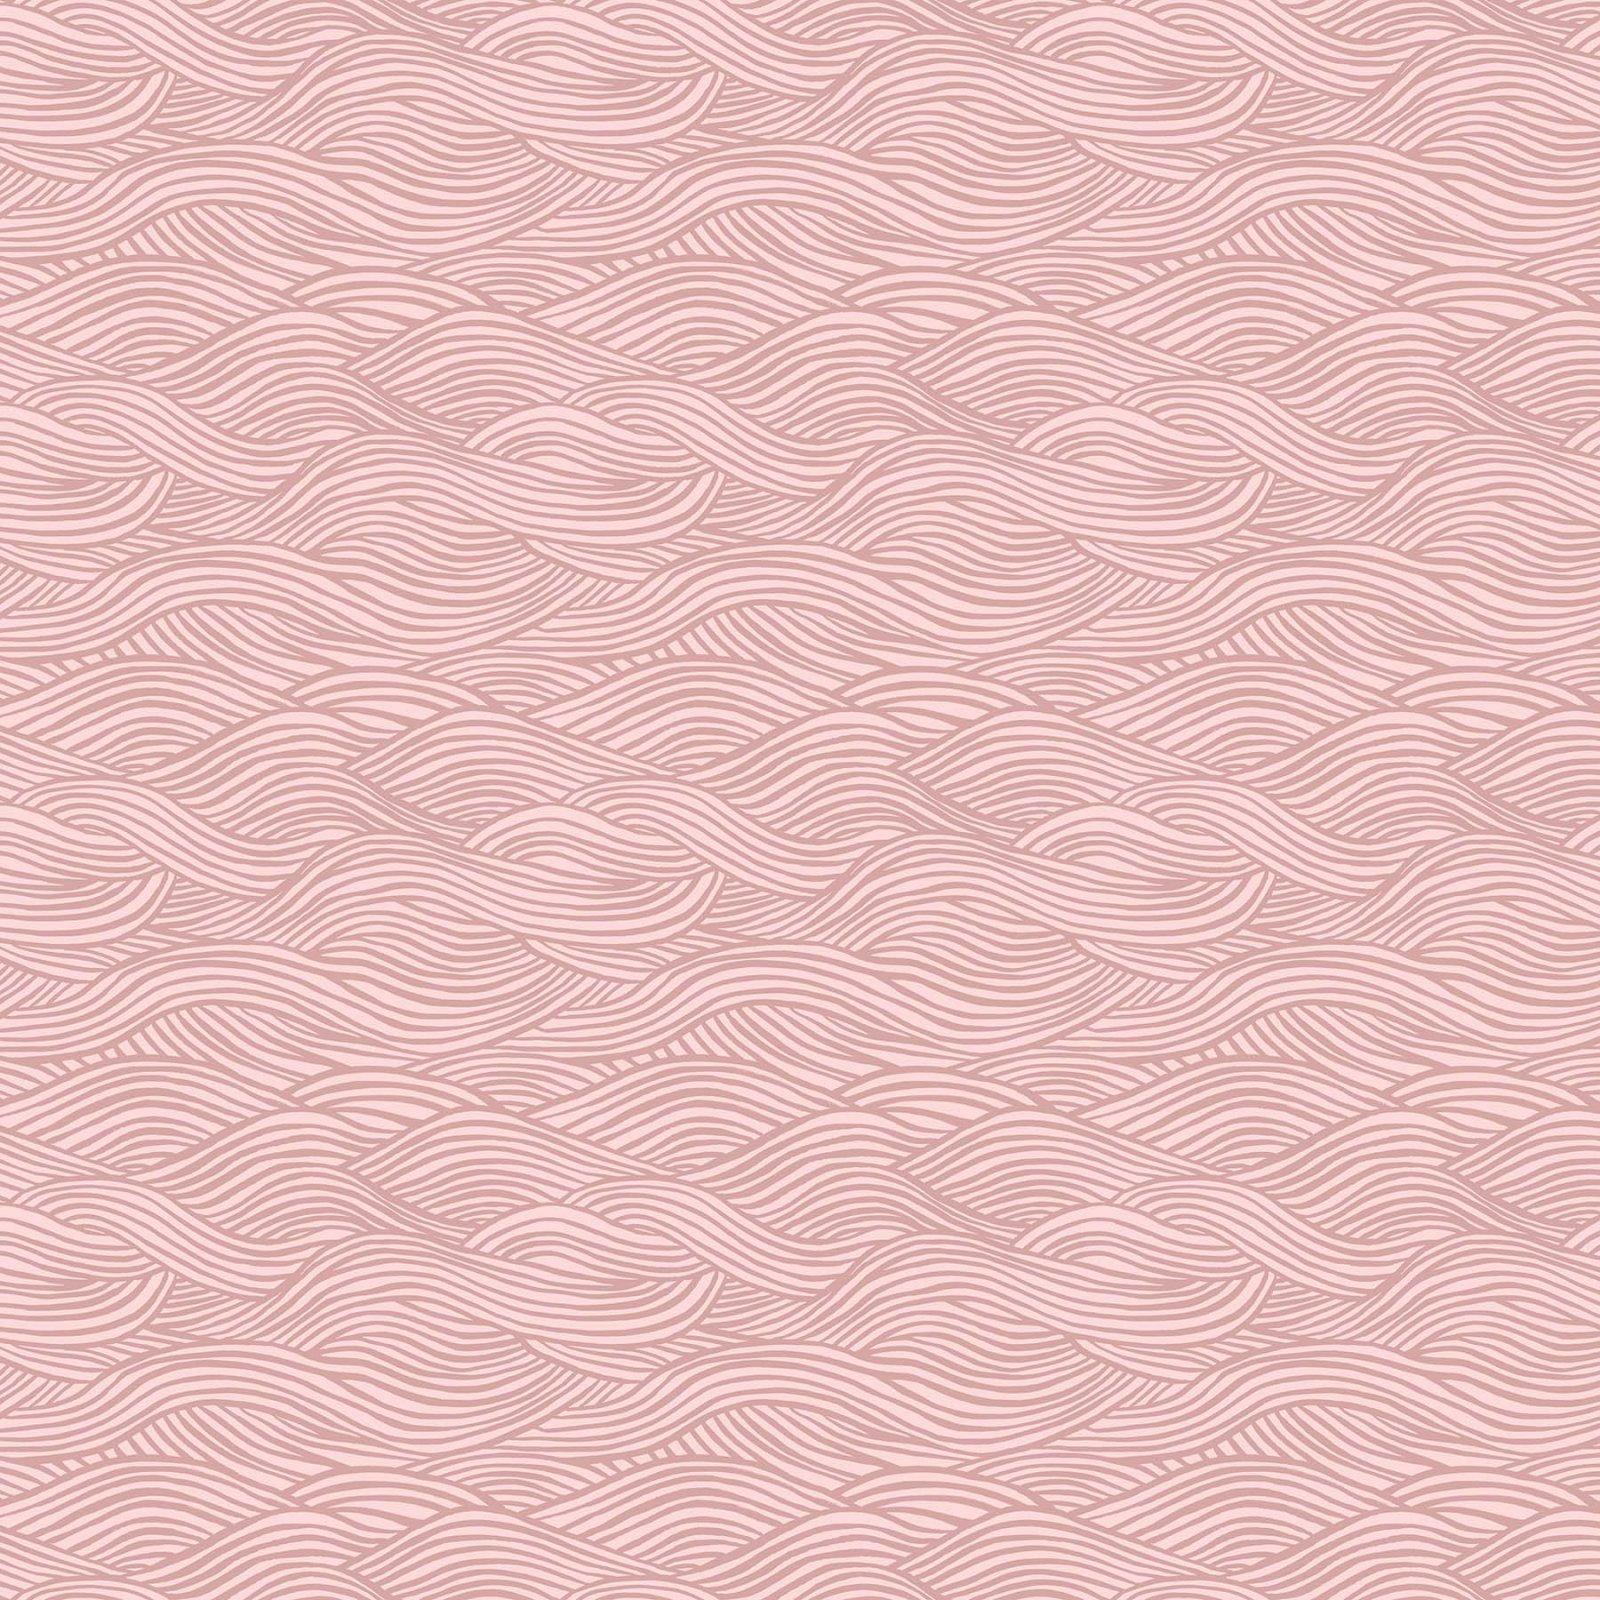 Moonlit Voyage Waves in Pink